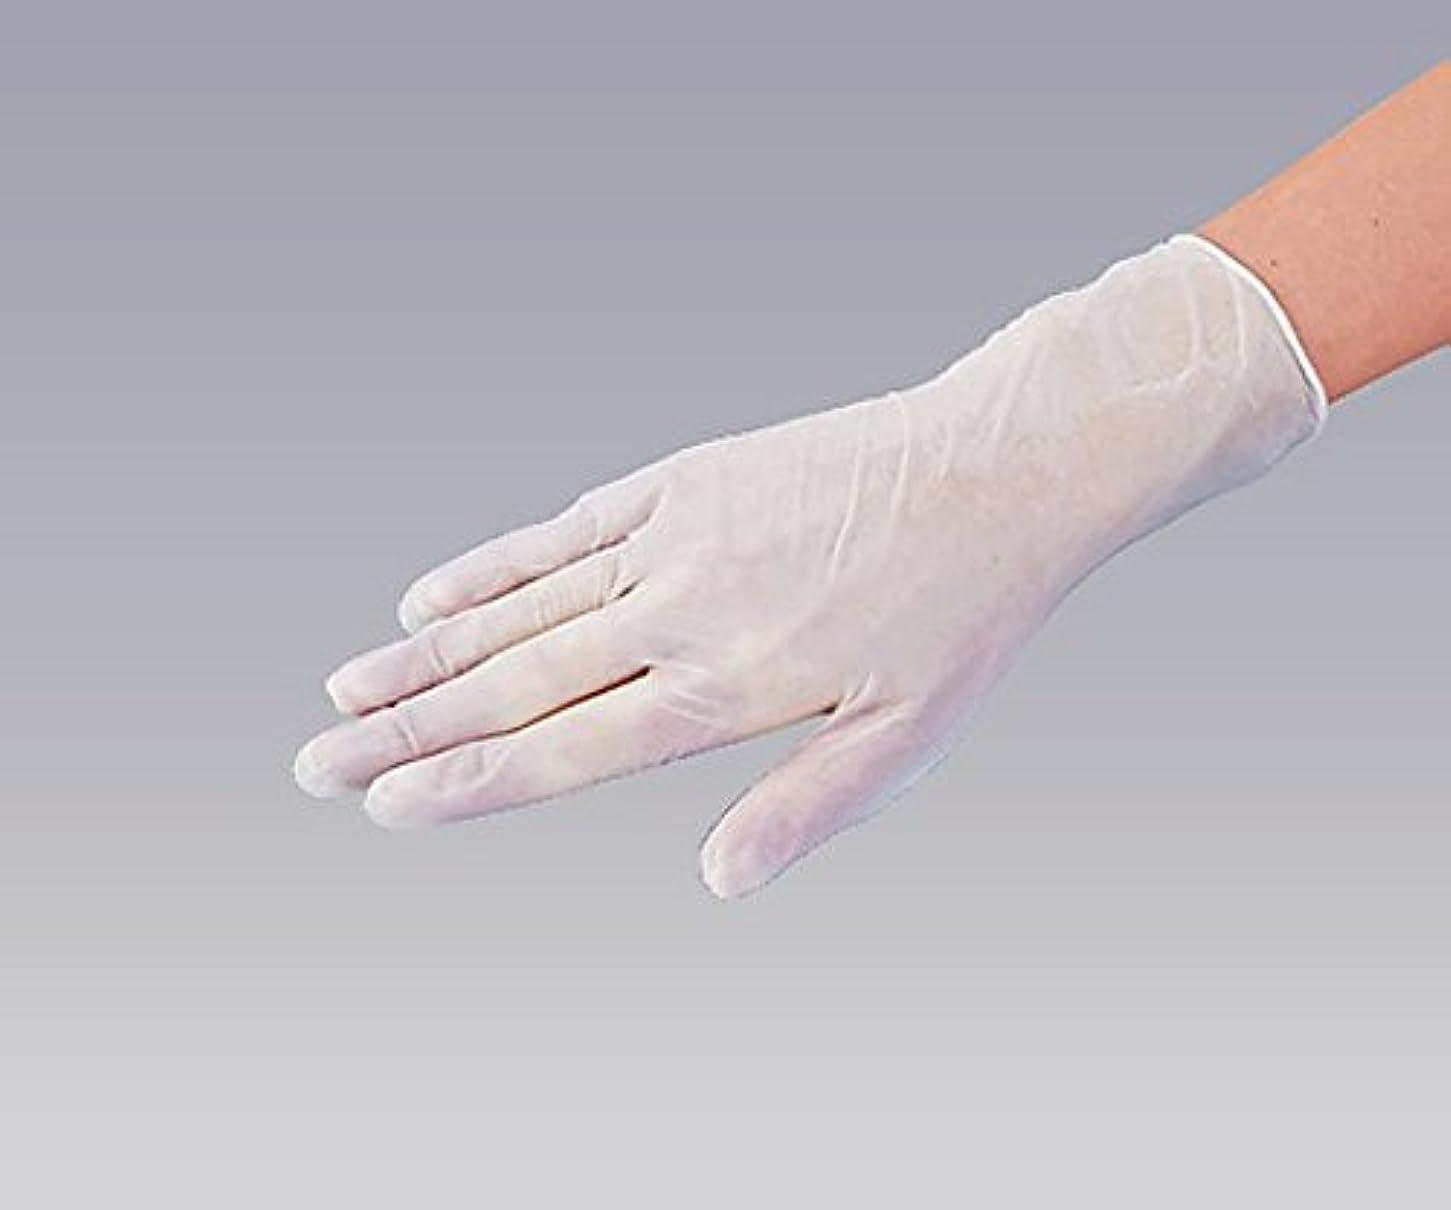 公式収縮満足できるナビス(アズワン)0-9868-01プラスチック手袋パウダー無L100入